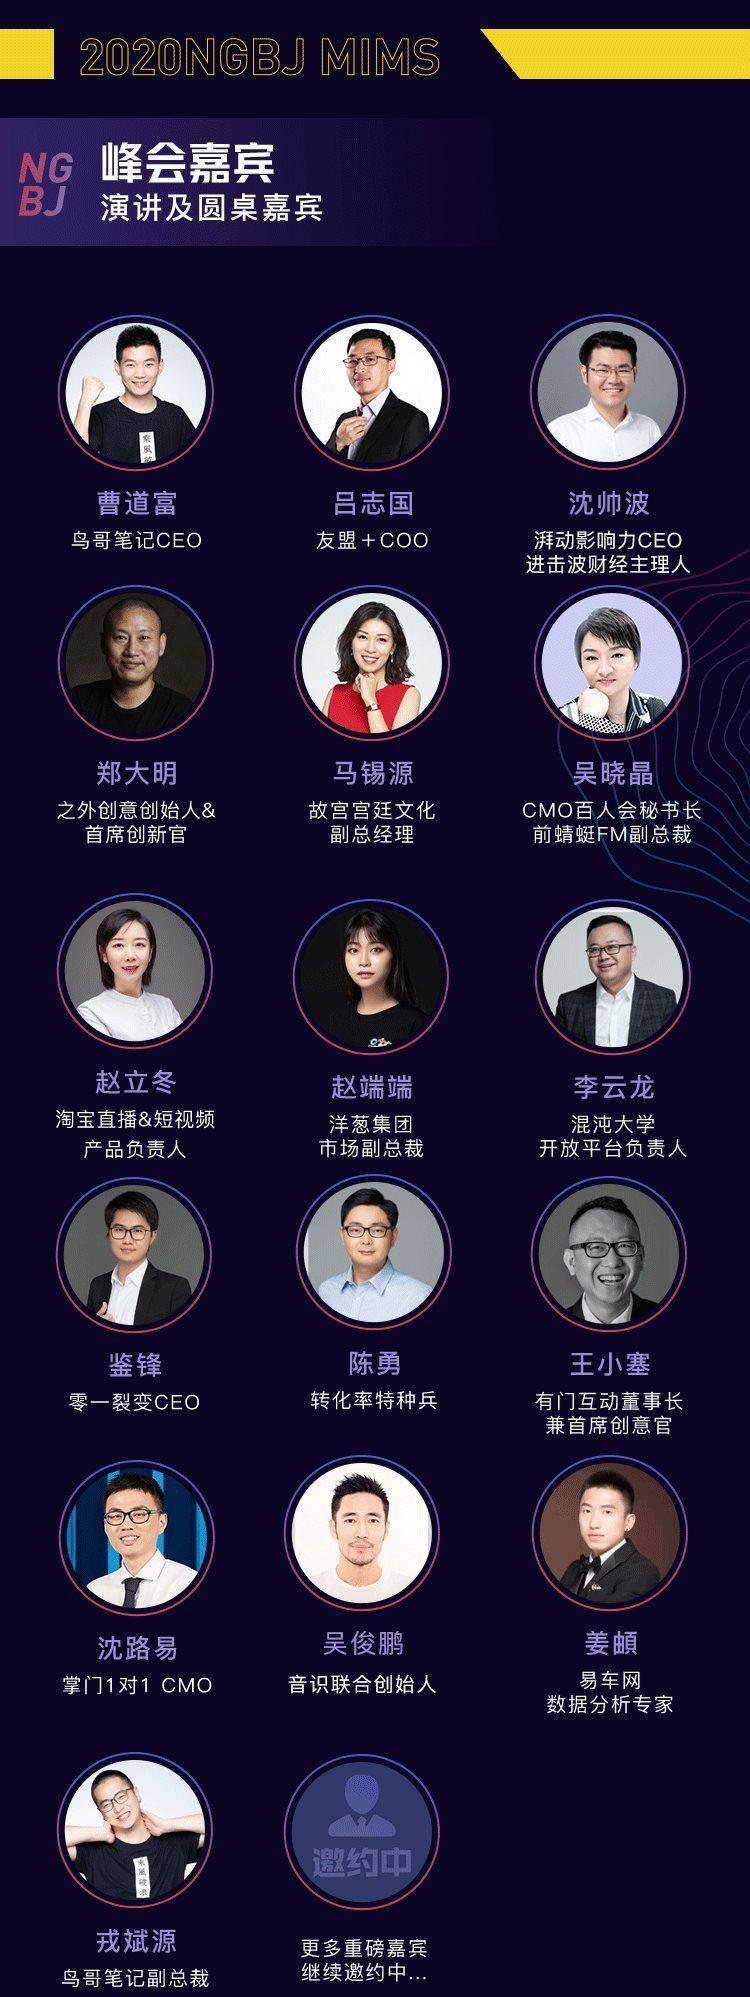 峰会龙虎大战—红黑大战—大发棋牌2-1.png